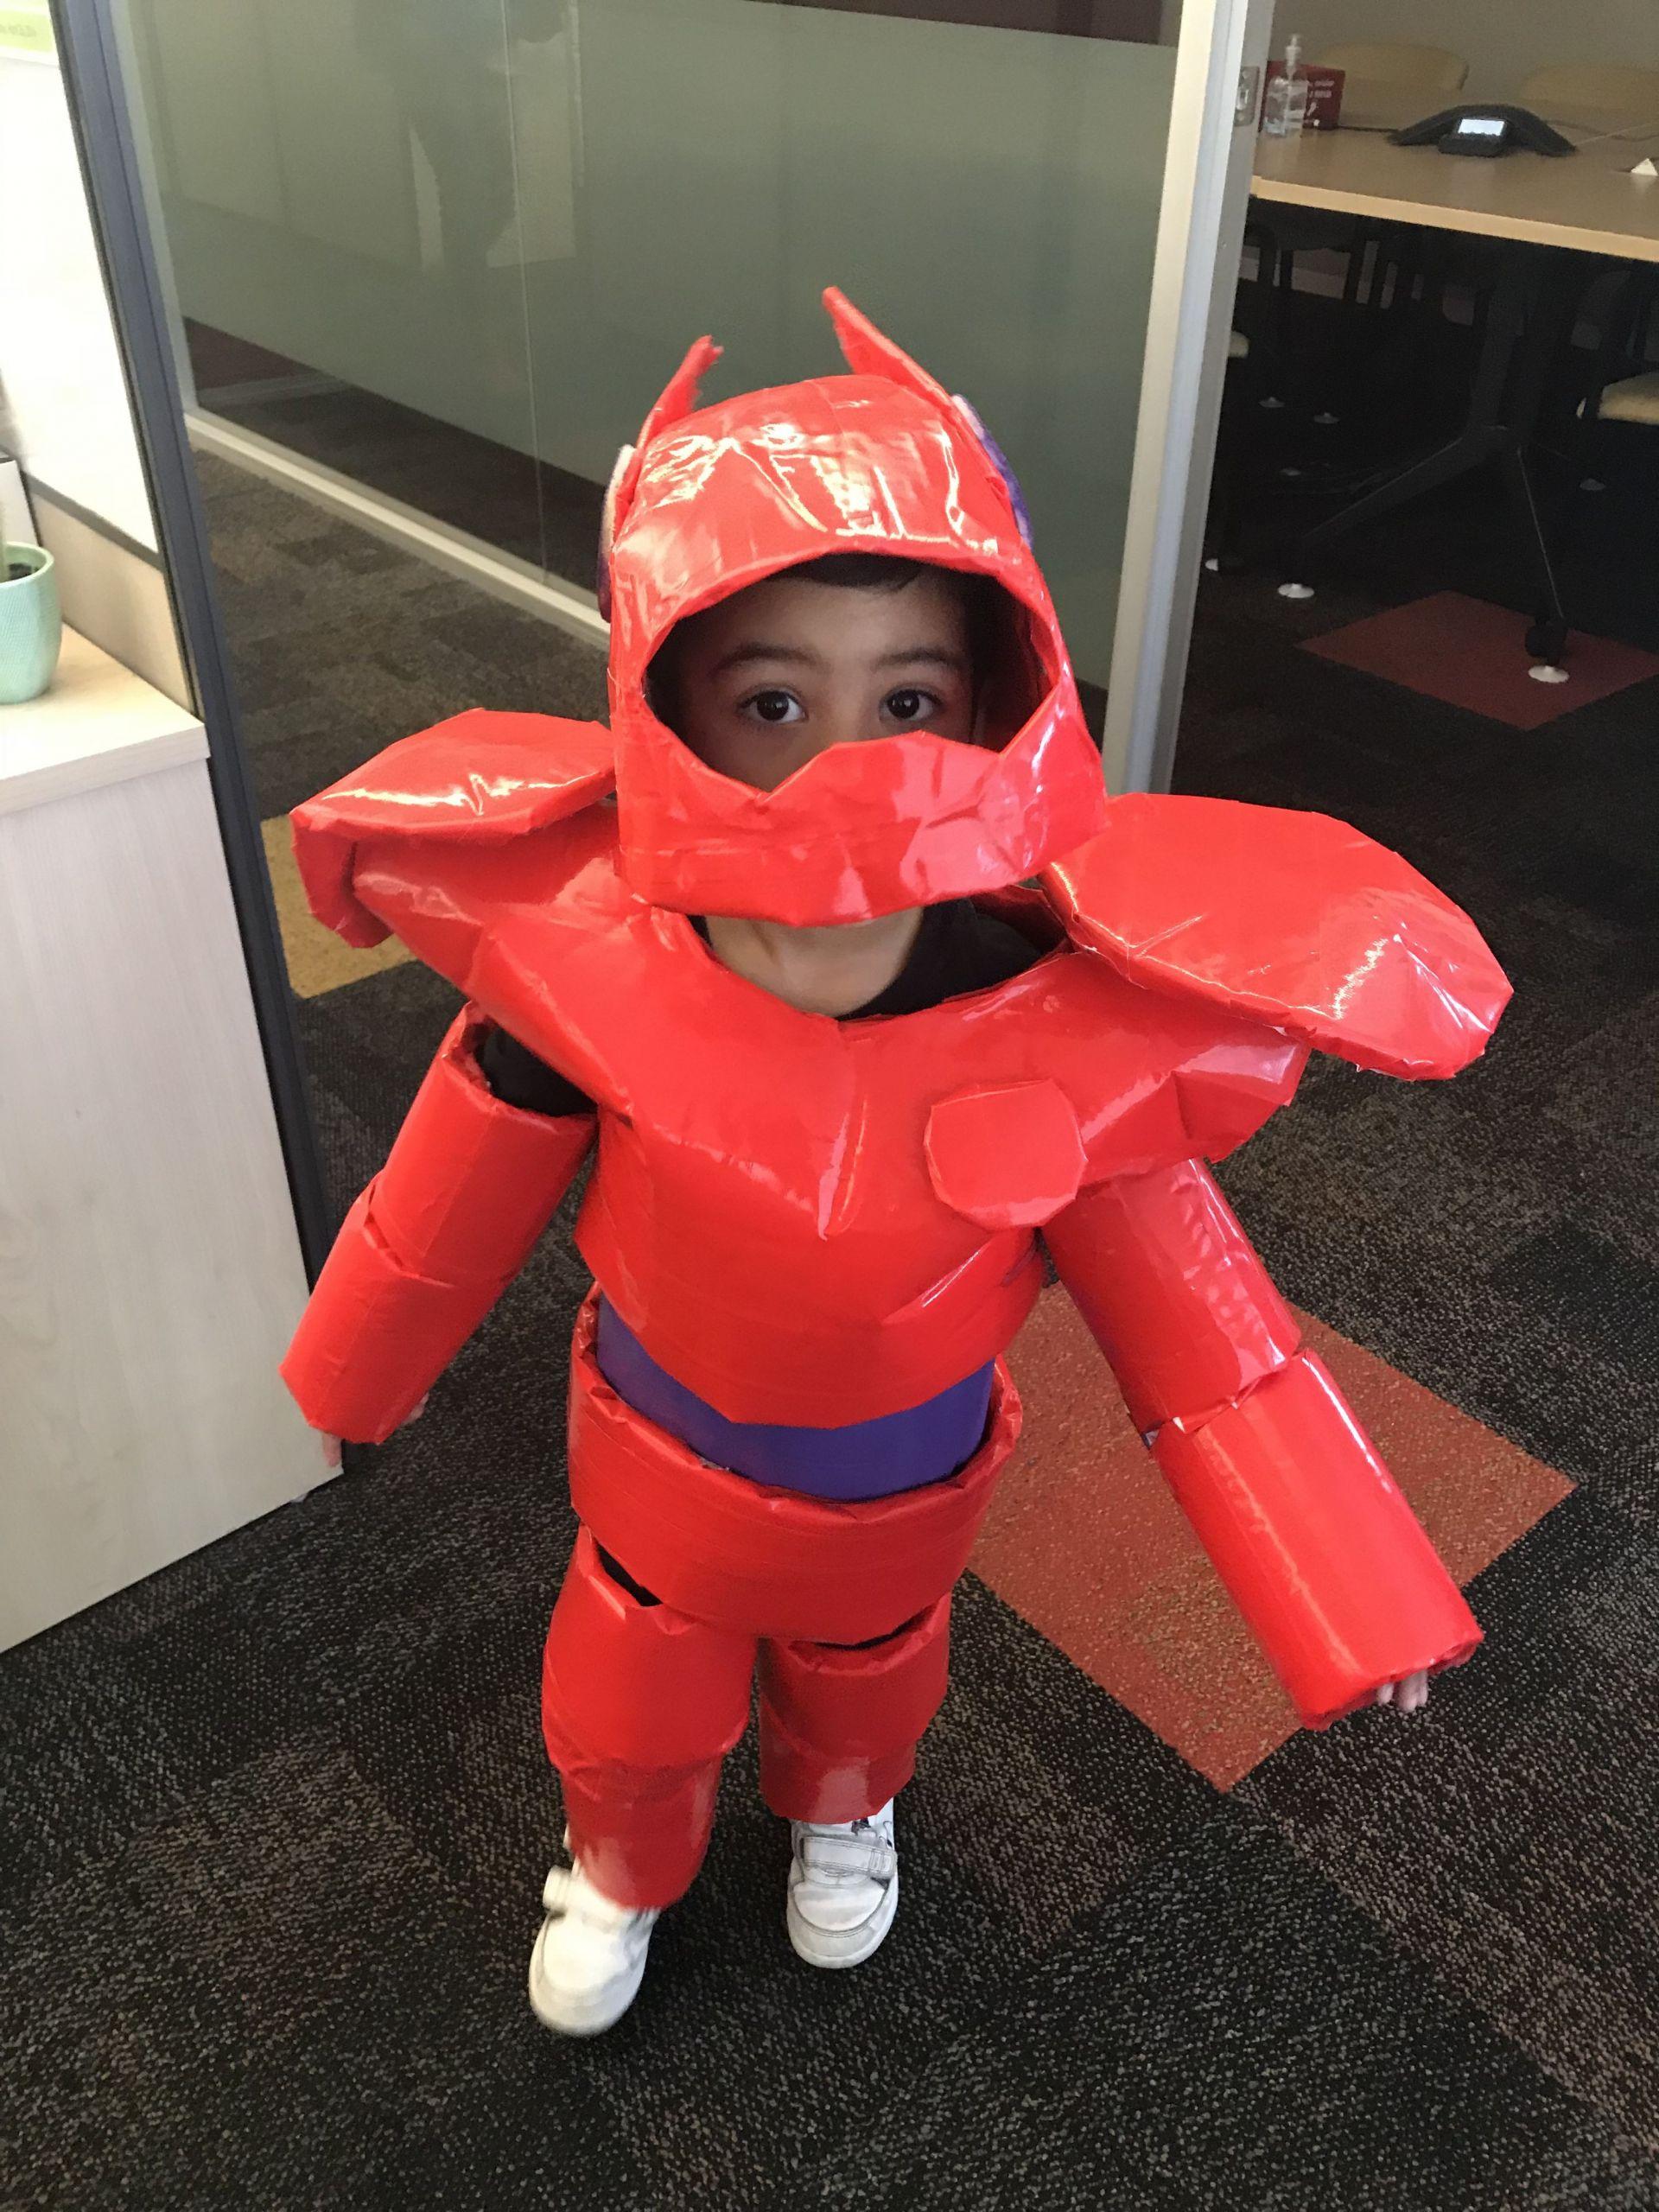 Baymax Costume DIY  DIY baymax costume diy costumes halloween bighero baymax